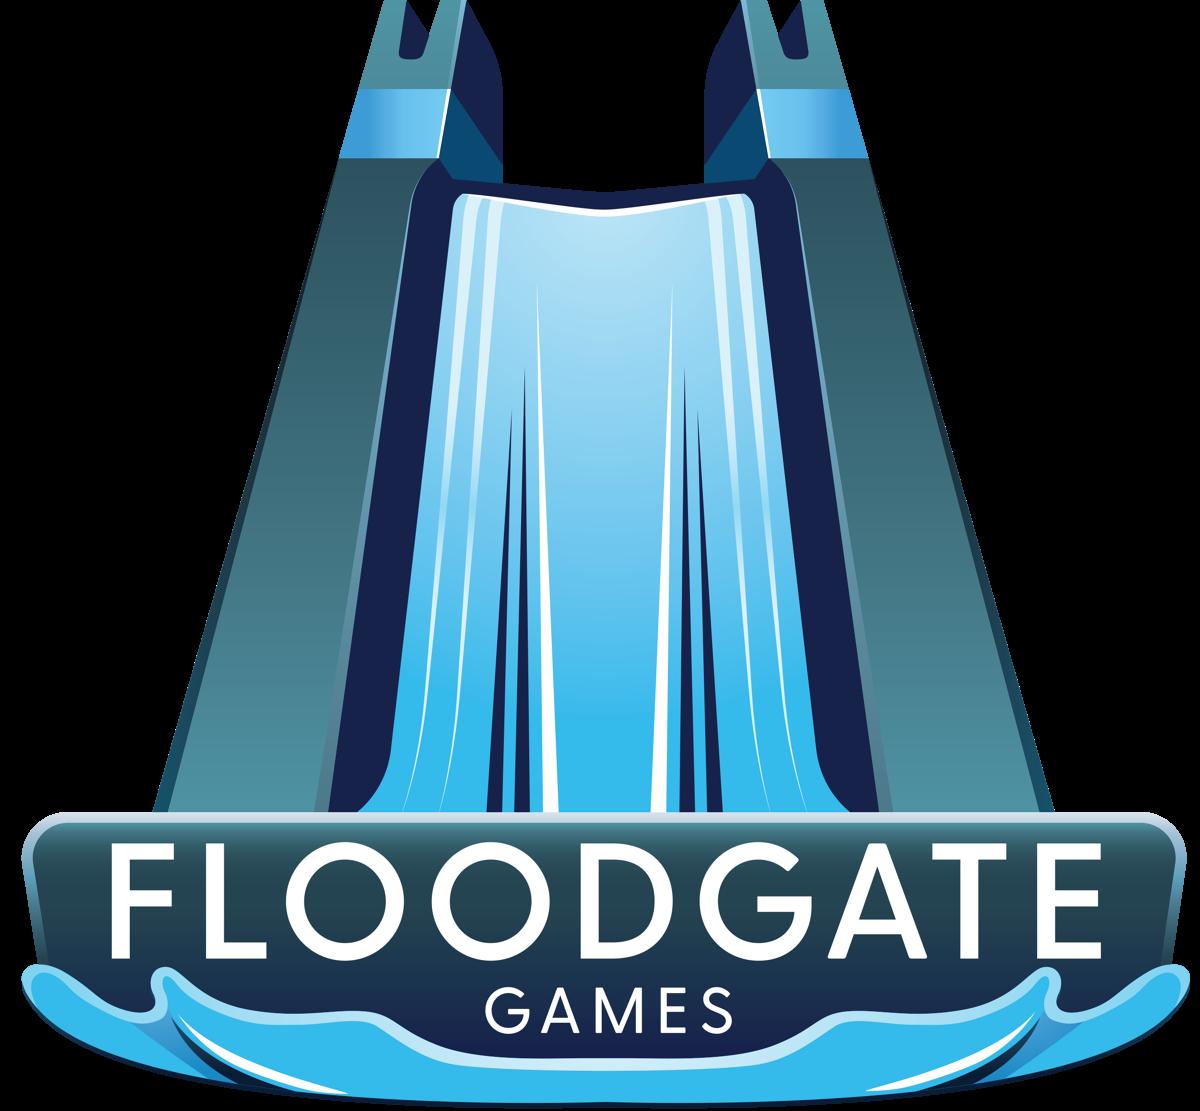 Floodgate-Games-Logo.png